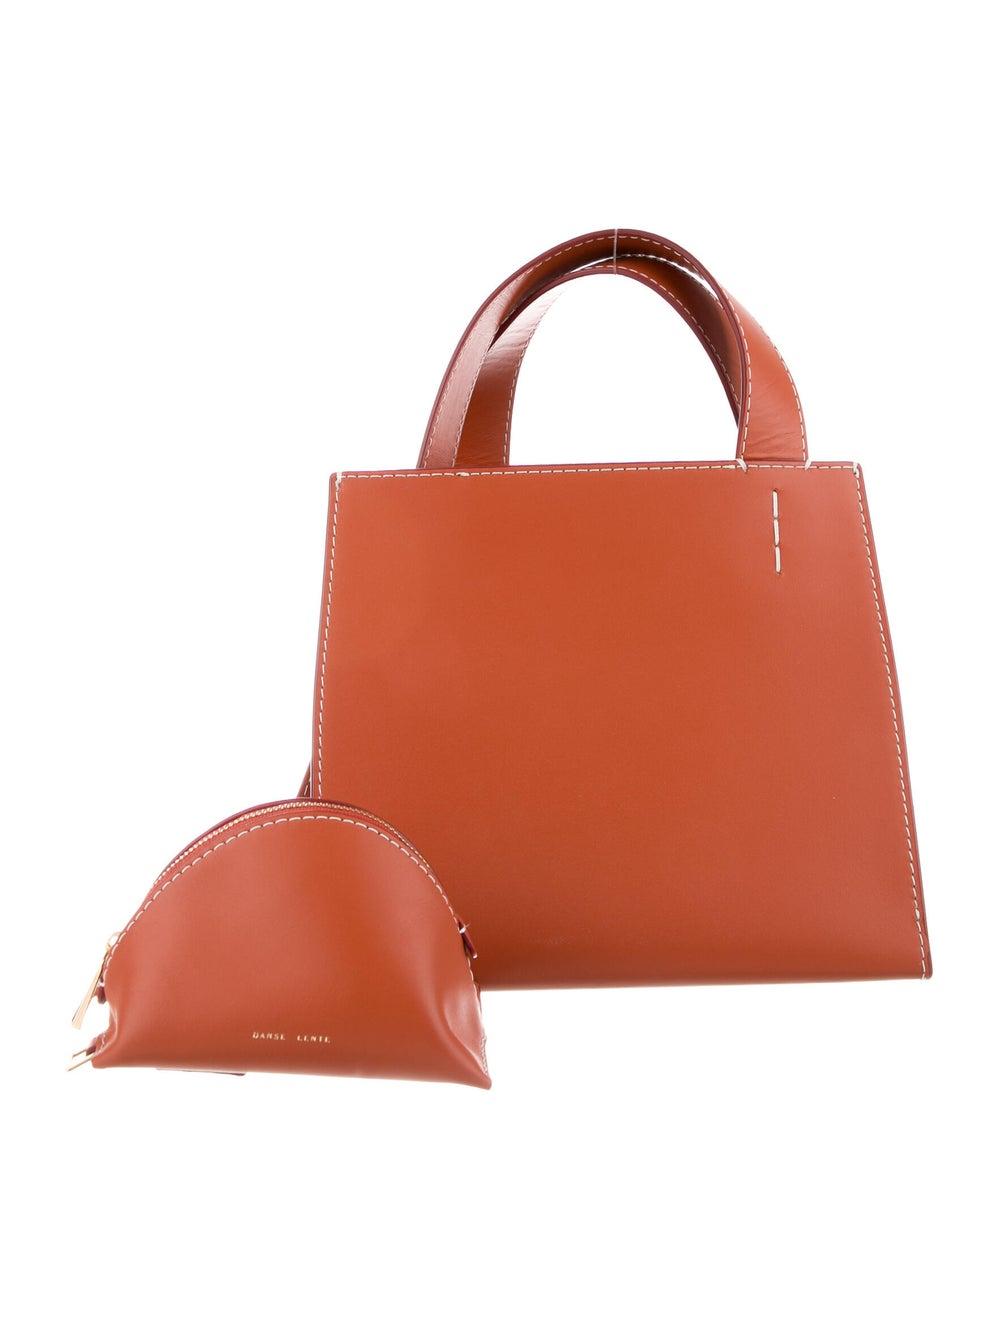 Danse Lente Leather Shoulder Bag Orange - image 4